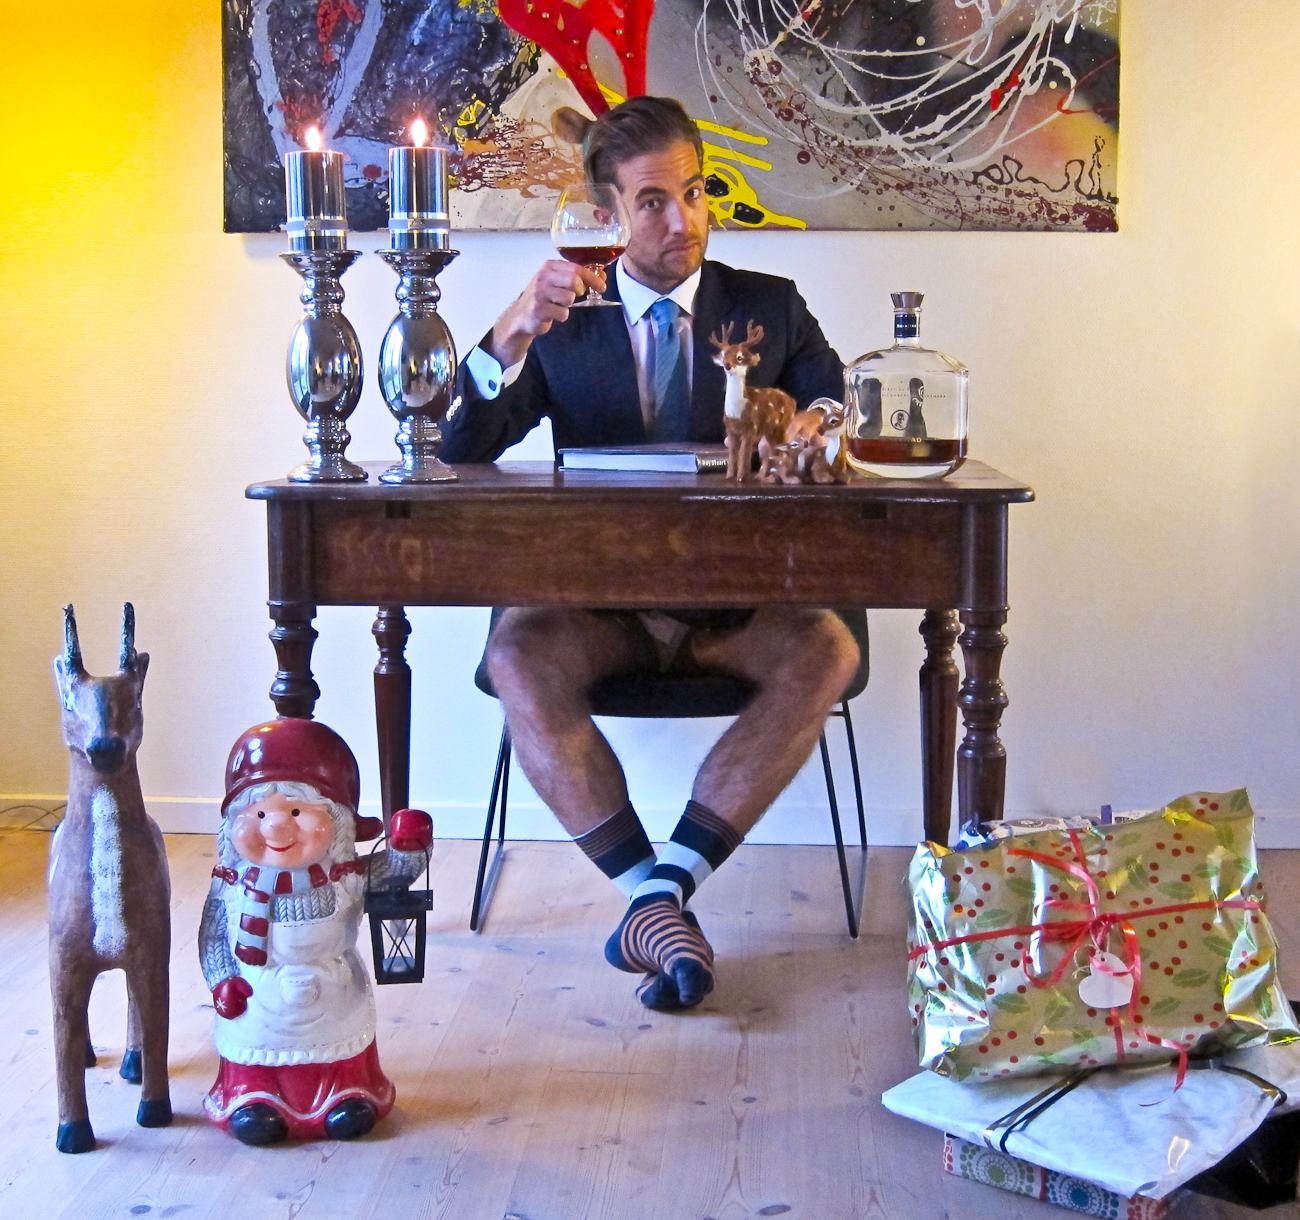 Et helt naturligt setup og med gode venner, Prinsgemalens Cognac, gaver, levende lys, bare stænger og fræk lekture...